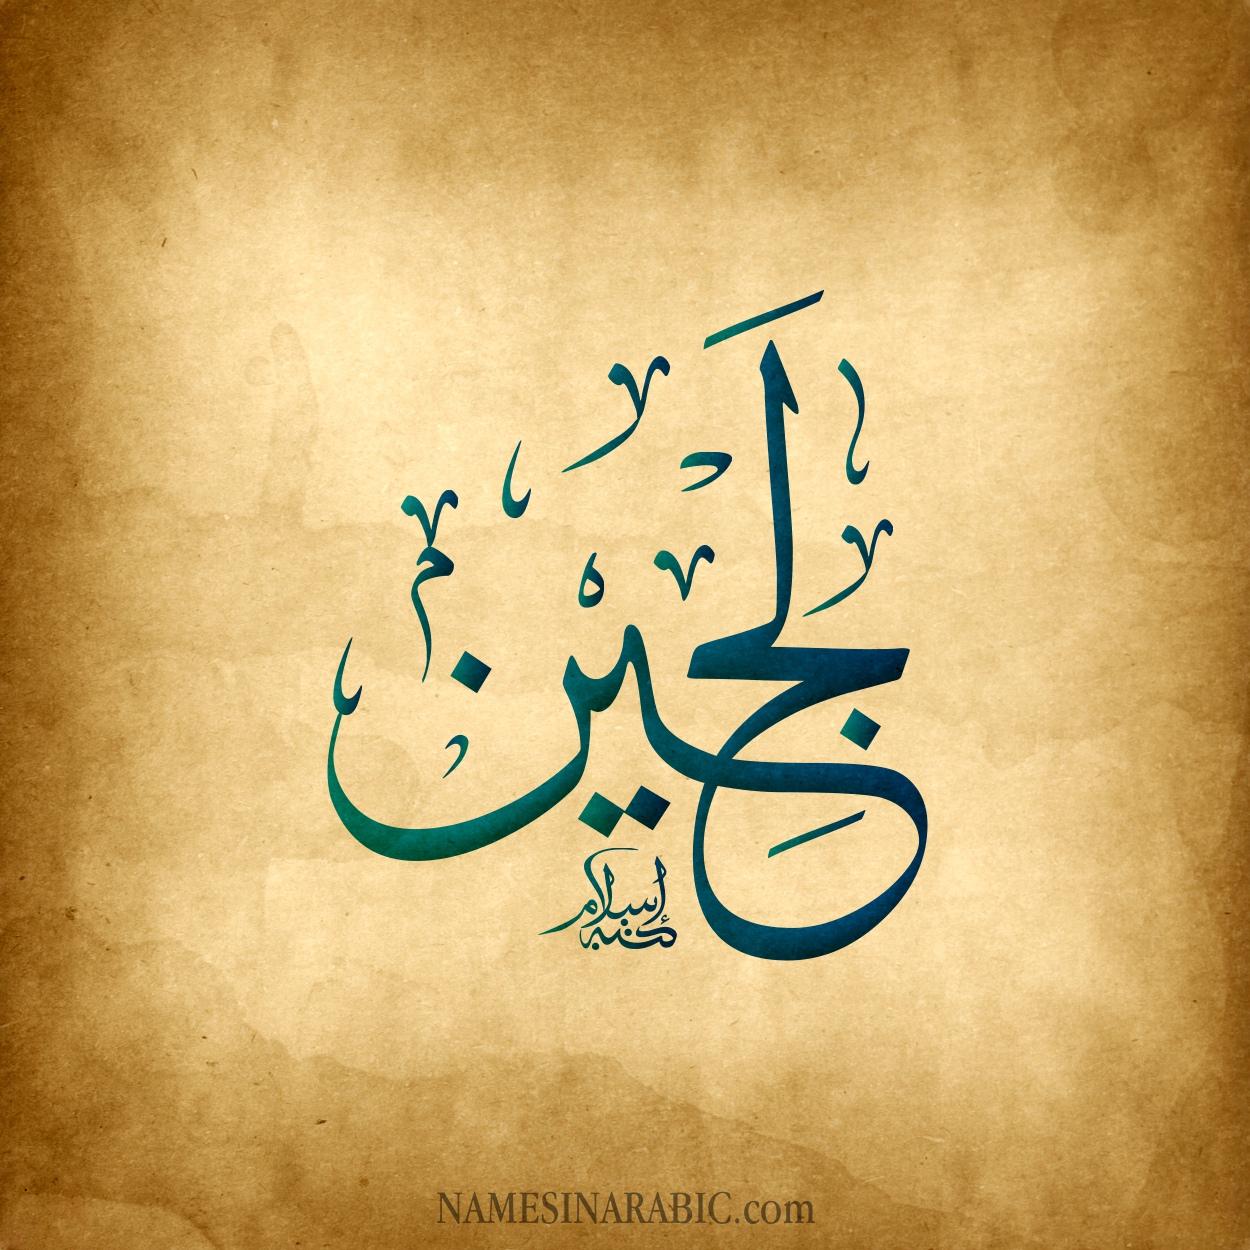 صورة اسم لُجَيْن LOGeen اسم لُجَيْن بالخط العربي من موقع الأسماء بالخط العربي بريشة الفنان إسلام ابن الفضل